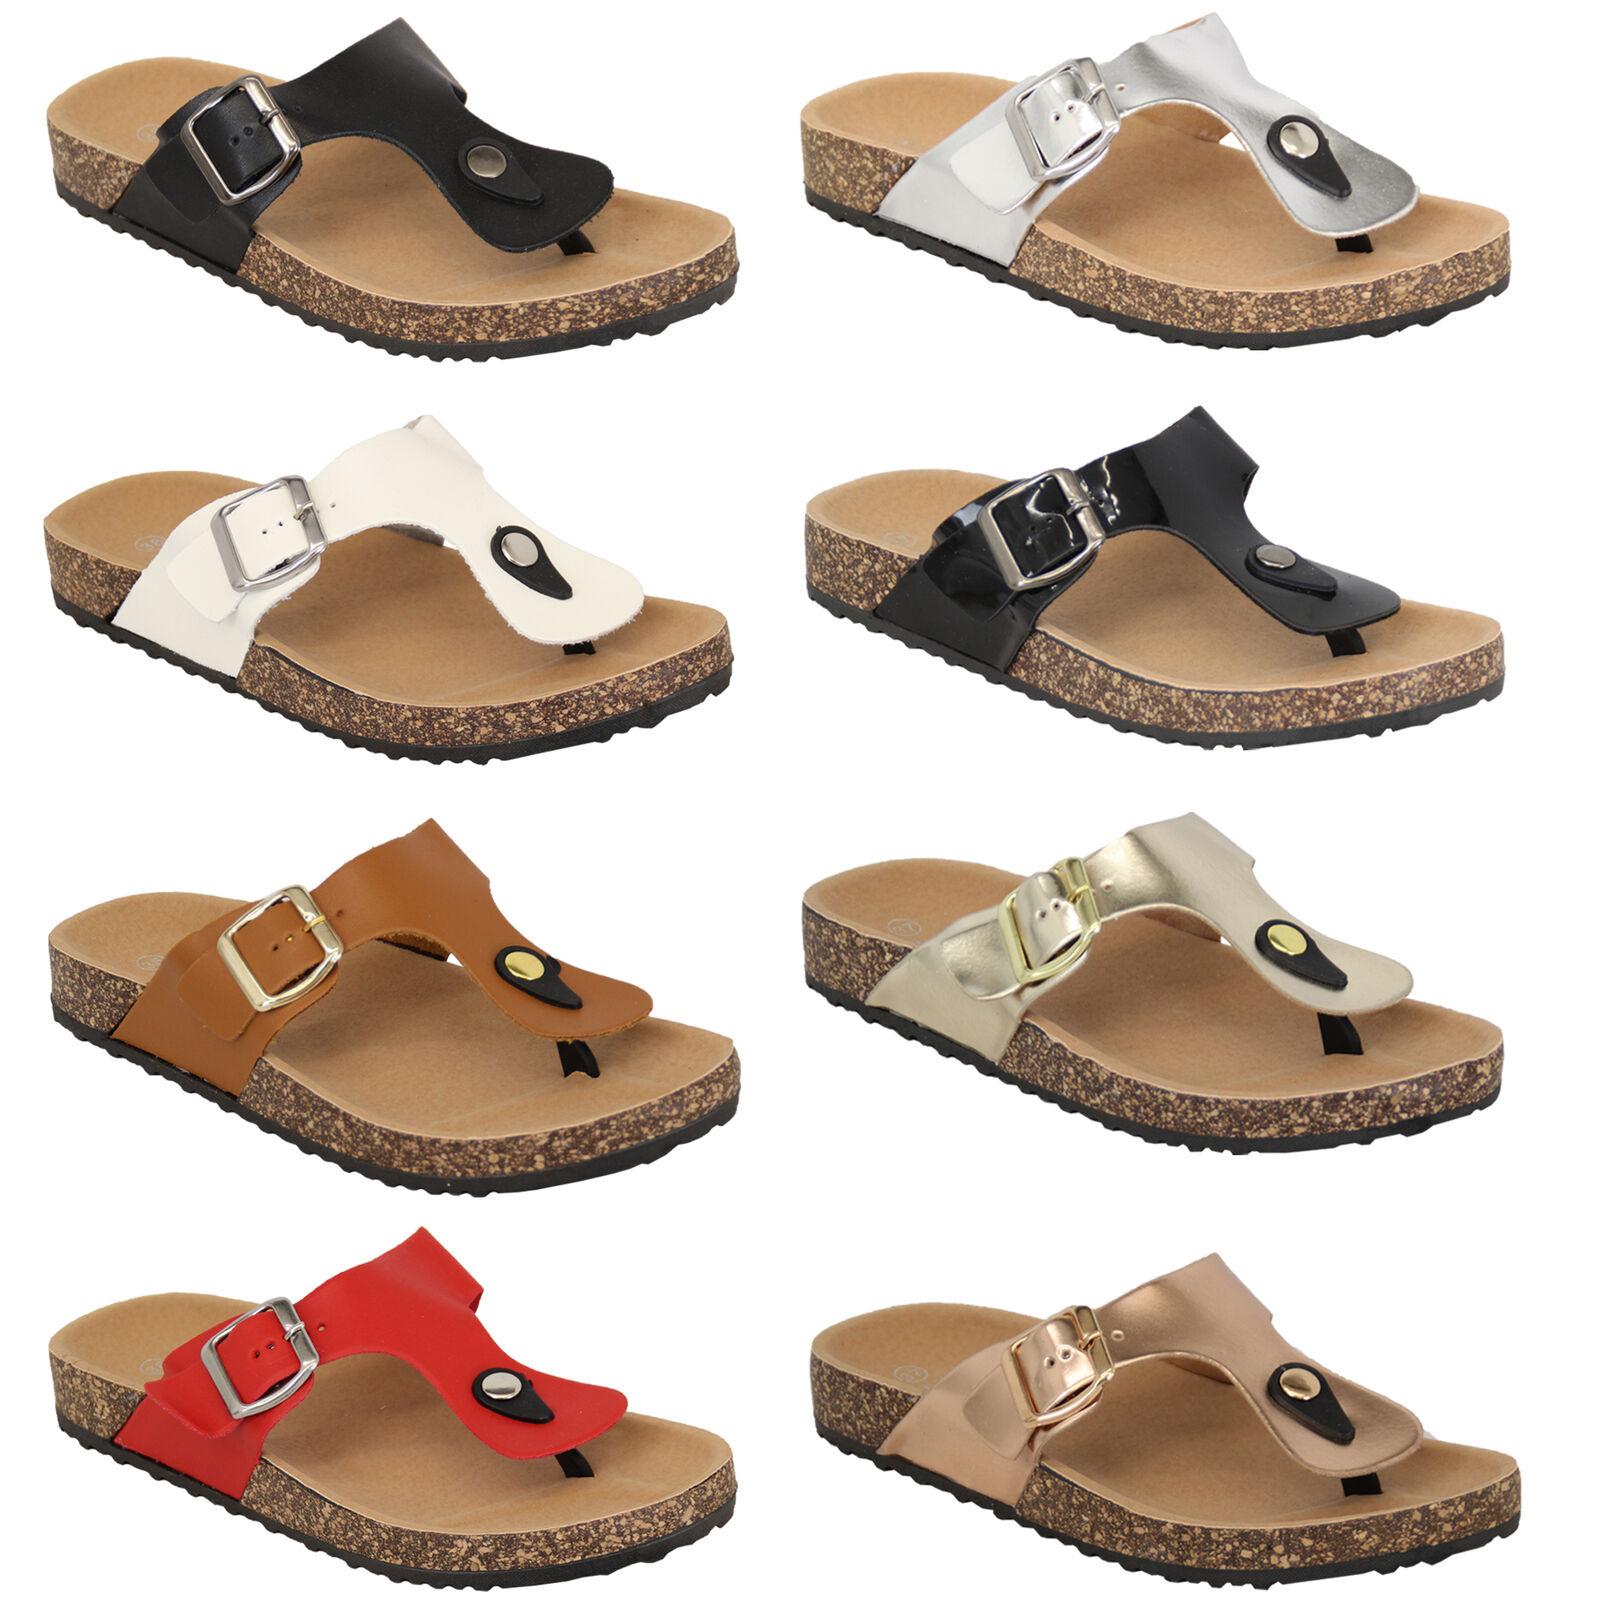 LADIES GIRLS  ELLA SANDALS Zapatos SLIP ONS Rojo  GIRLS NEW Talla 4 EU37 SALE cdb875